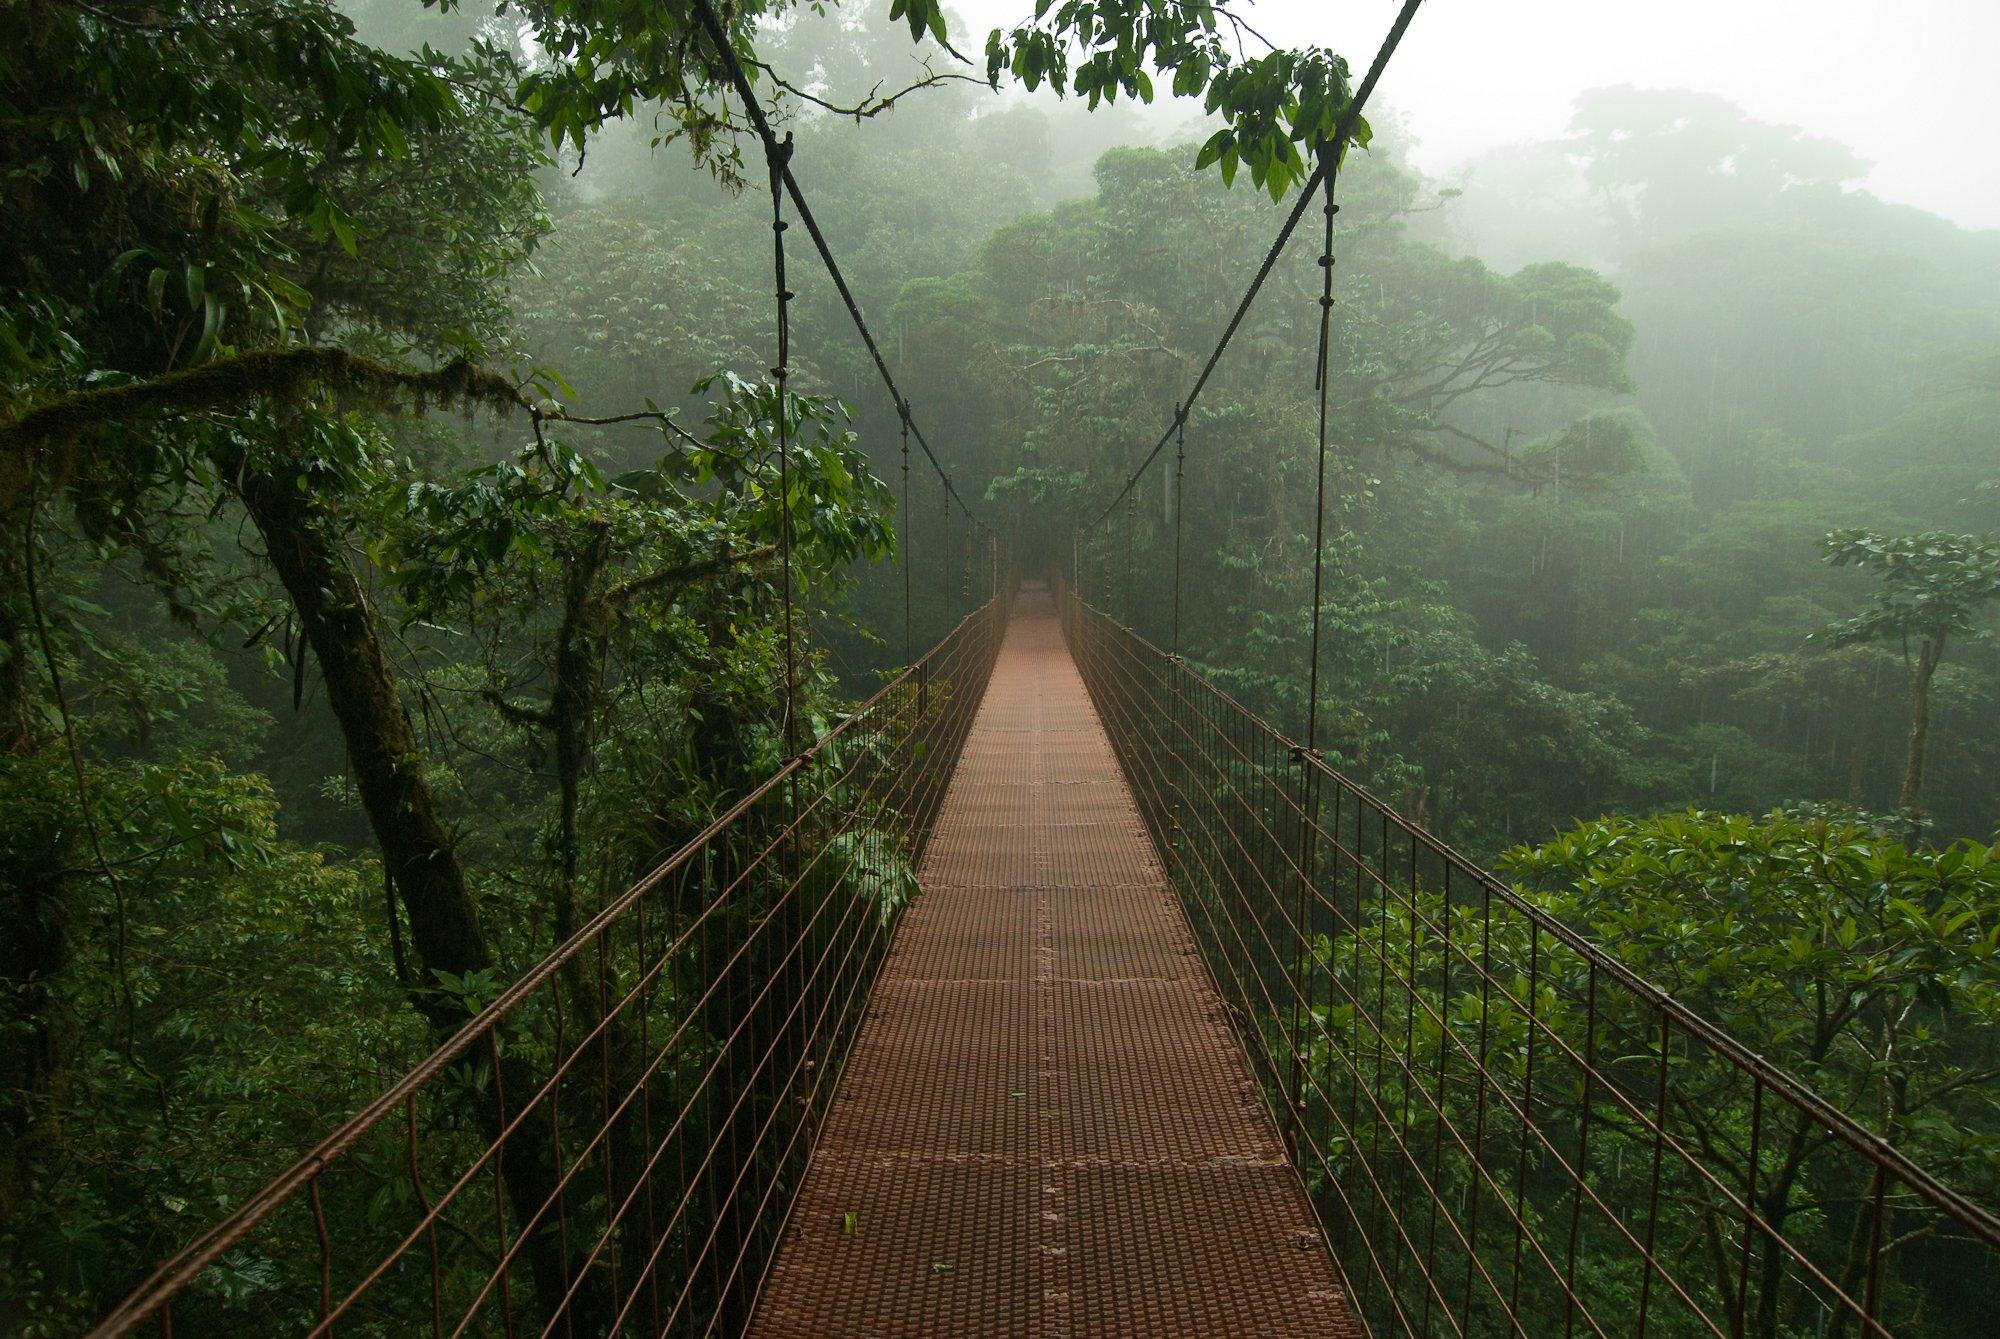 På en rejse til Costa Rica kan du gå på broer i trækronerne i Monteverde